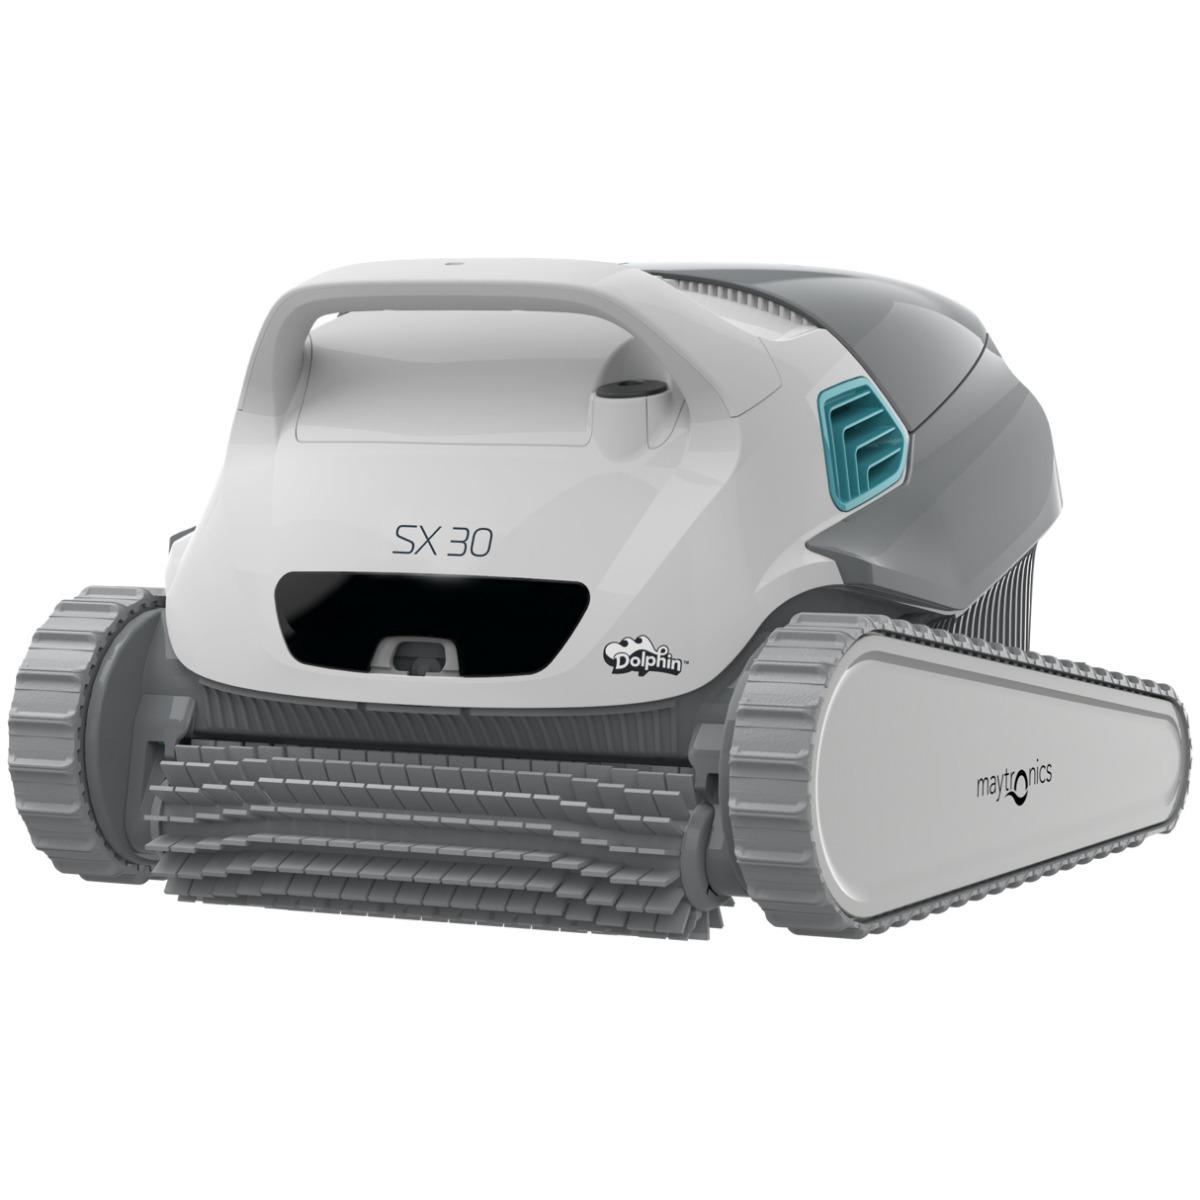 limpiafondos Dolphin SX 30